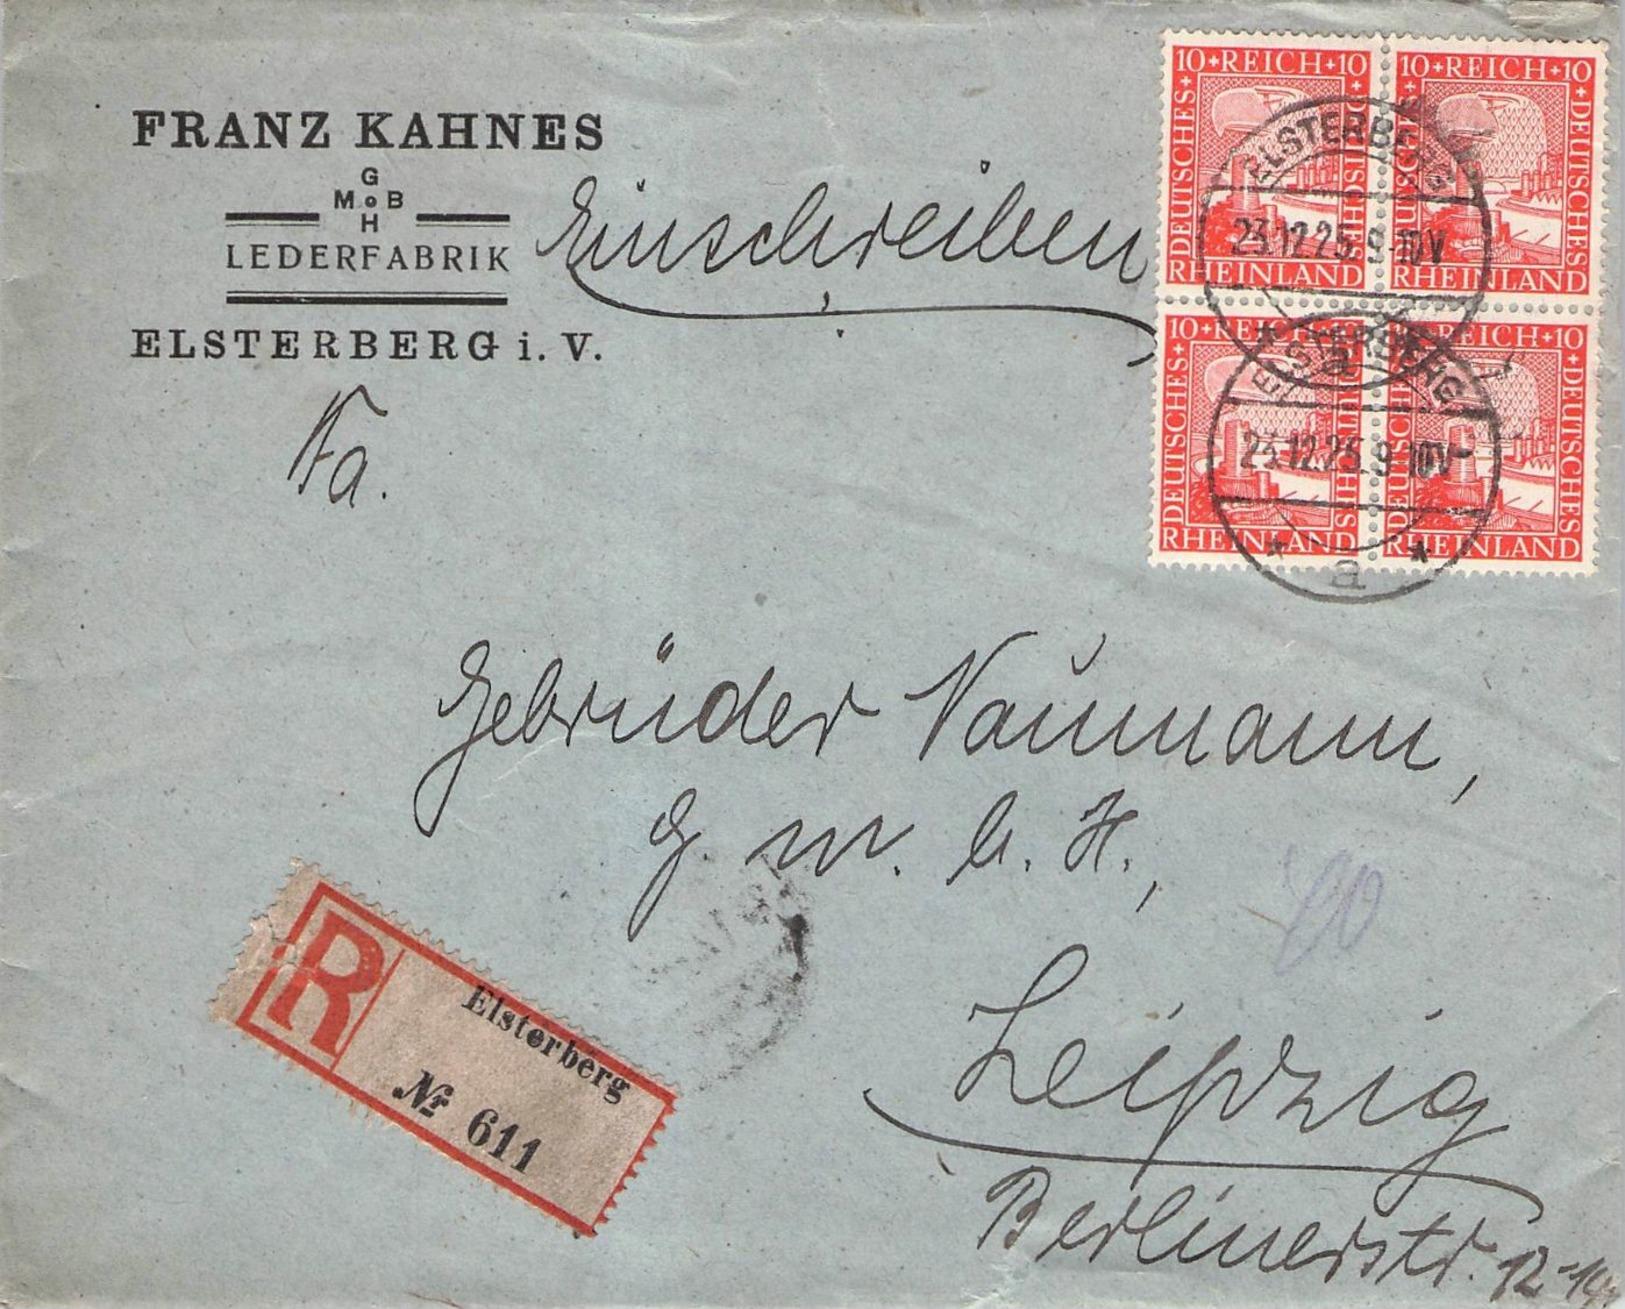 DEUTSCHES REICH - RECO 1925 ELSTERBERG -> LEIPZIG Mi #373 - Briefe U. Dokumente